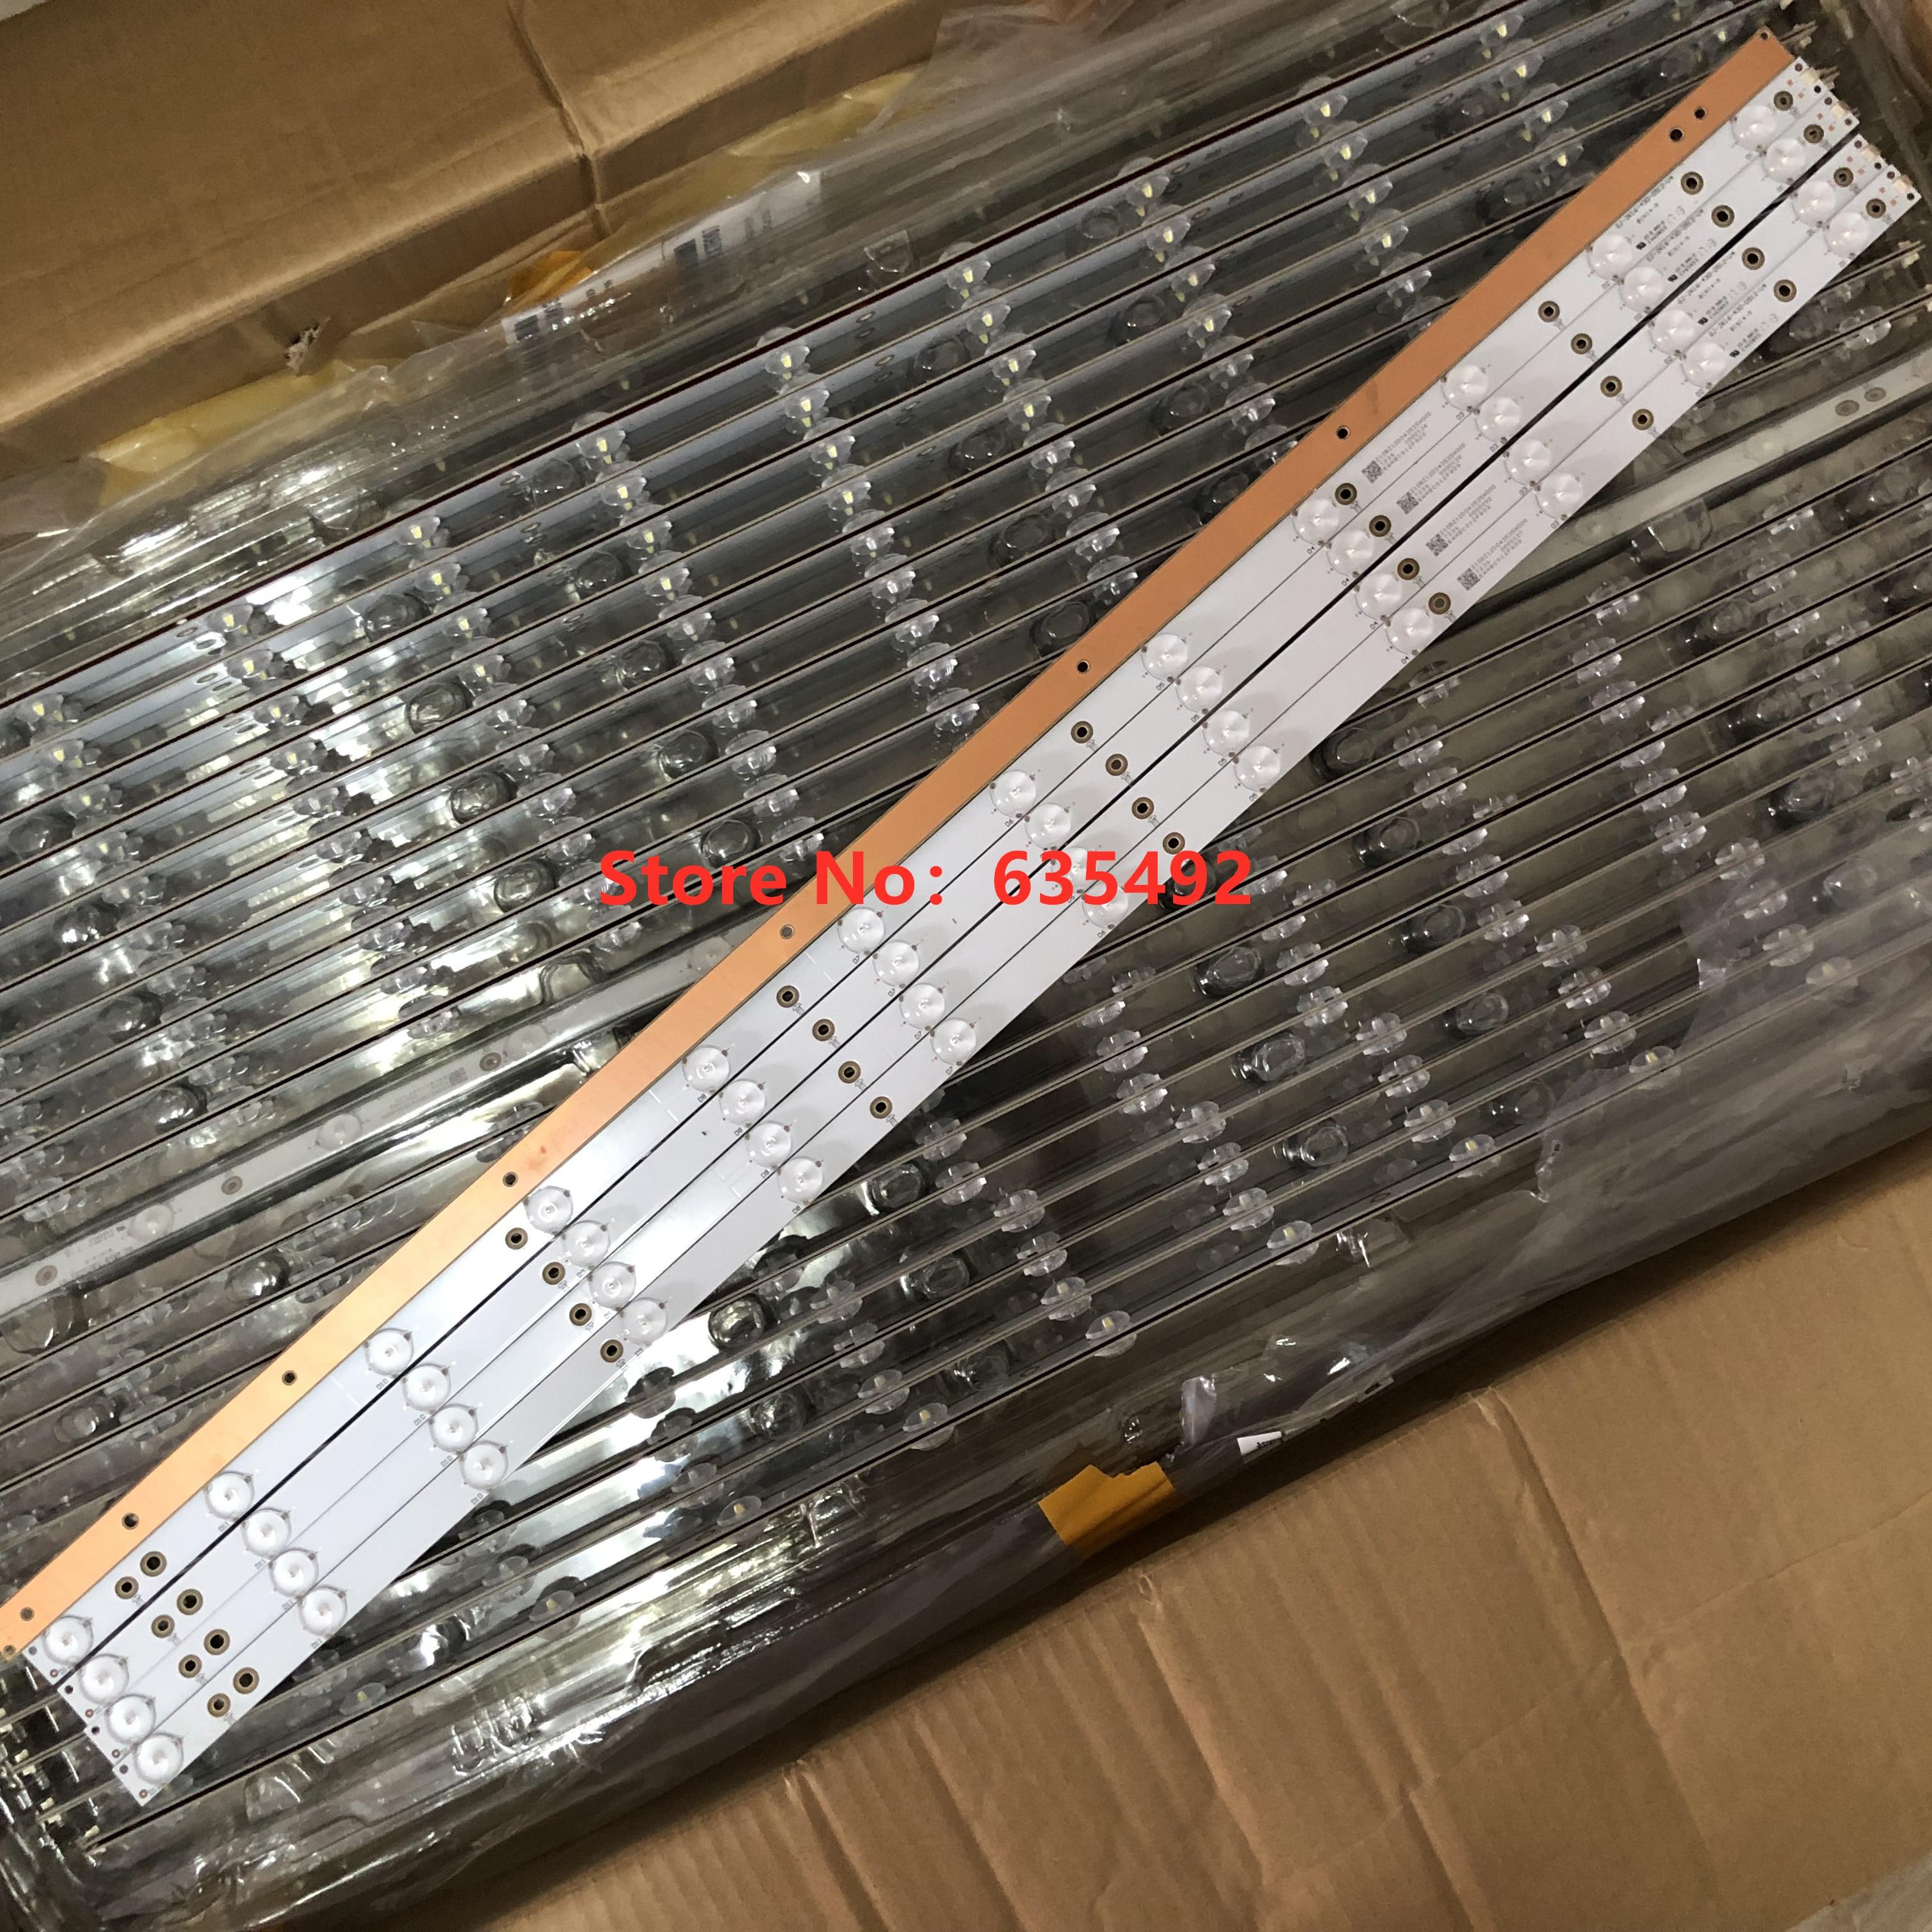 LED Backlight LB43014 V0_00 (12Lamp ) For Phili Ps 43